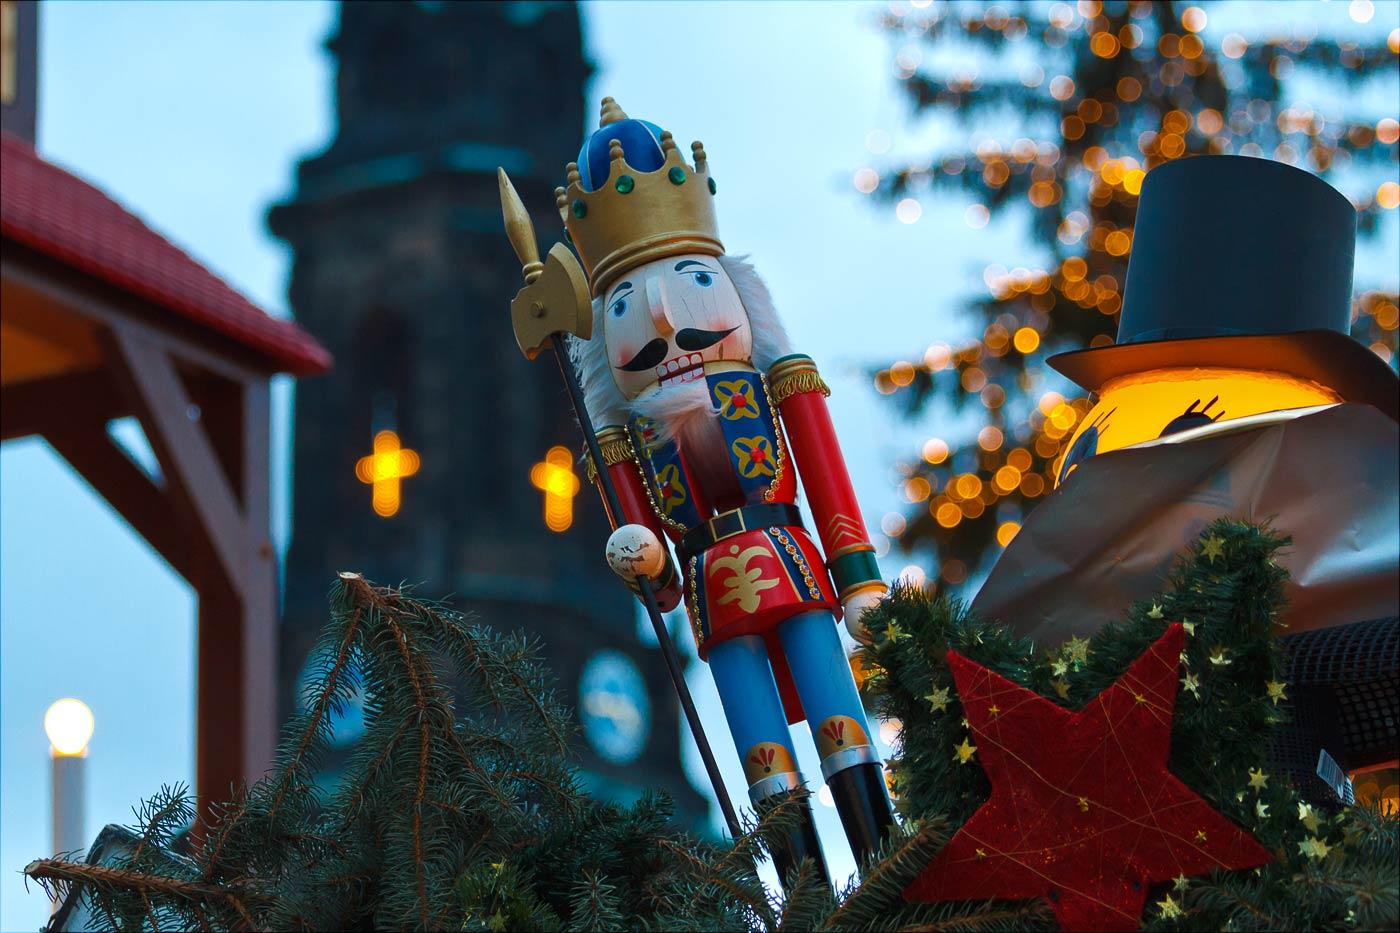 Щелкунчик. Рождественская ярмарка в Дрездене